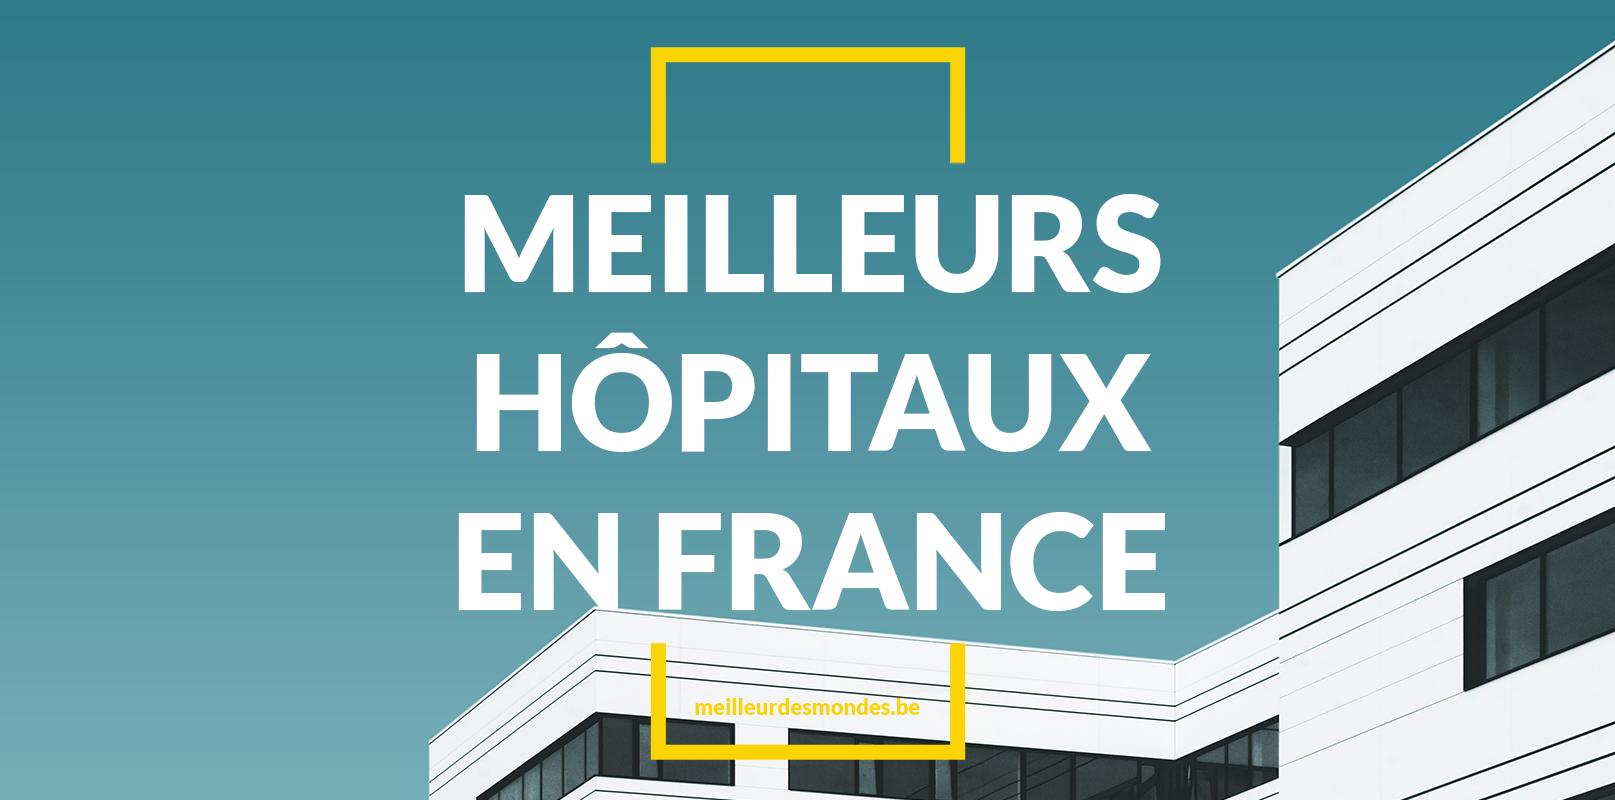 23 des Meilleurs Hôpitaux à Évreux,Haute-Normandie